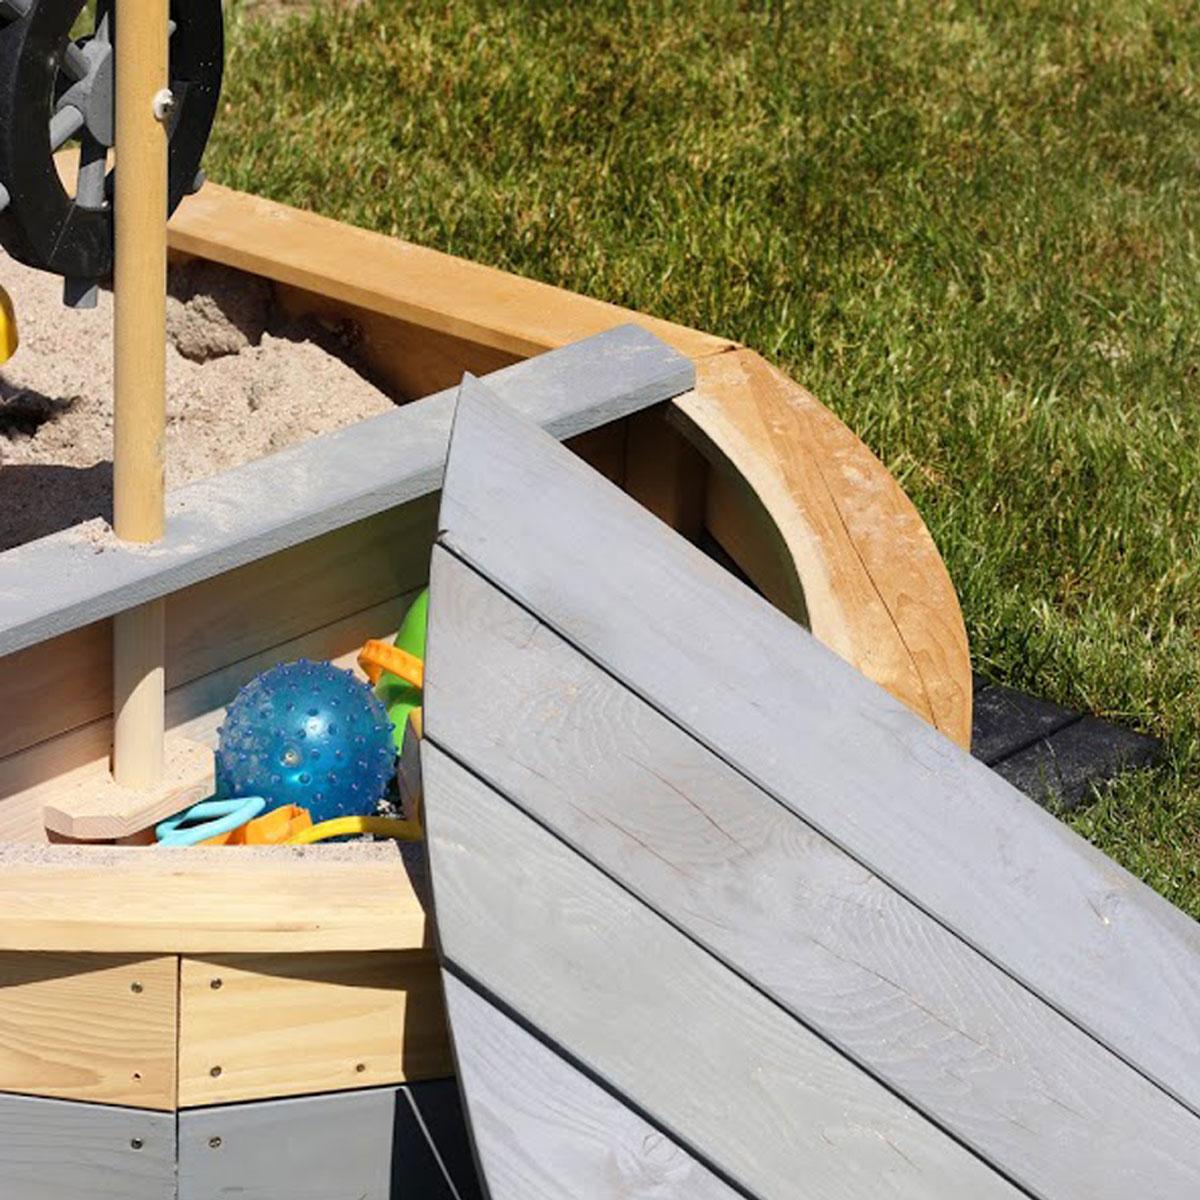 bac sable bateau de sun 06019 pirum. Black Bedroom Furniture Sets. Home Design Ideas